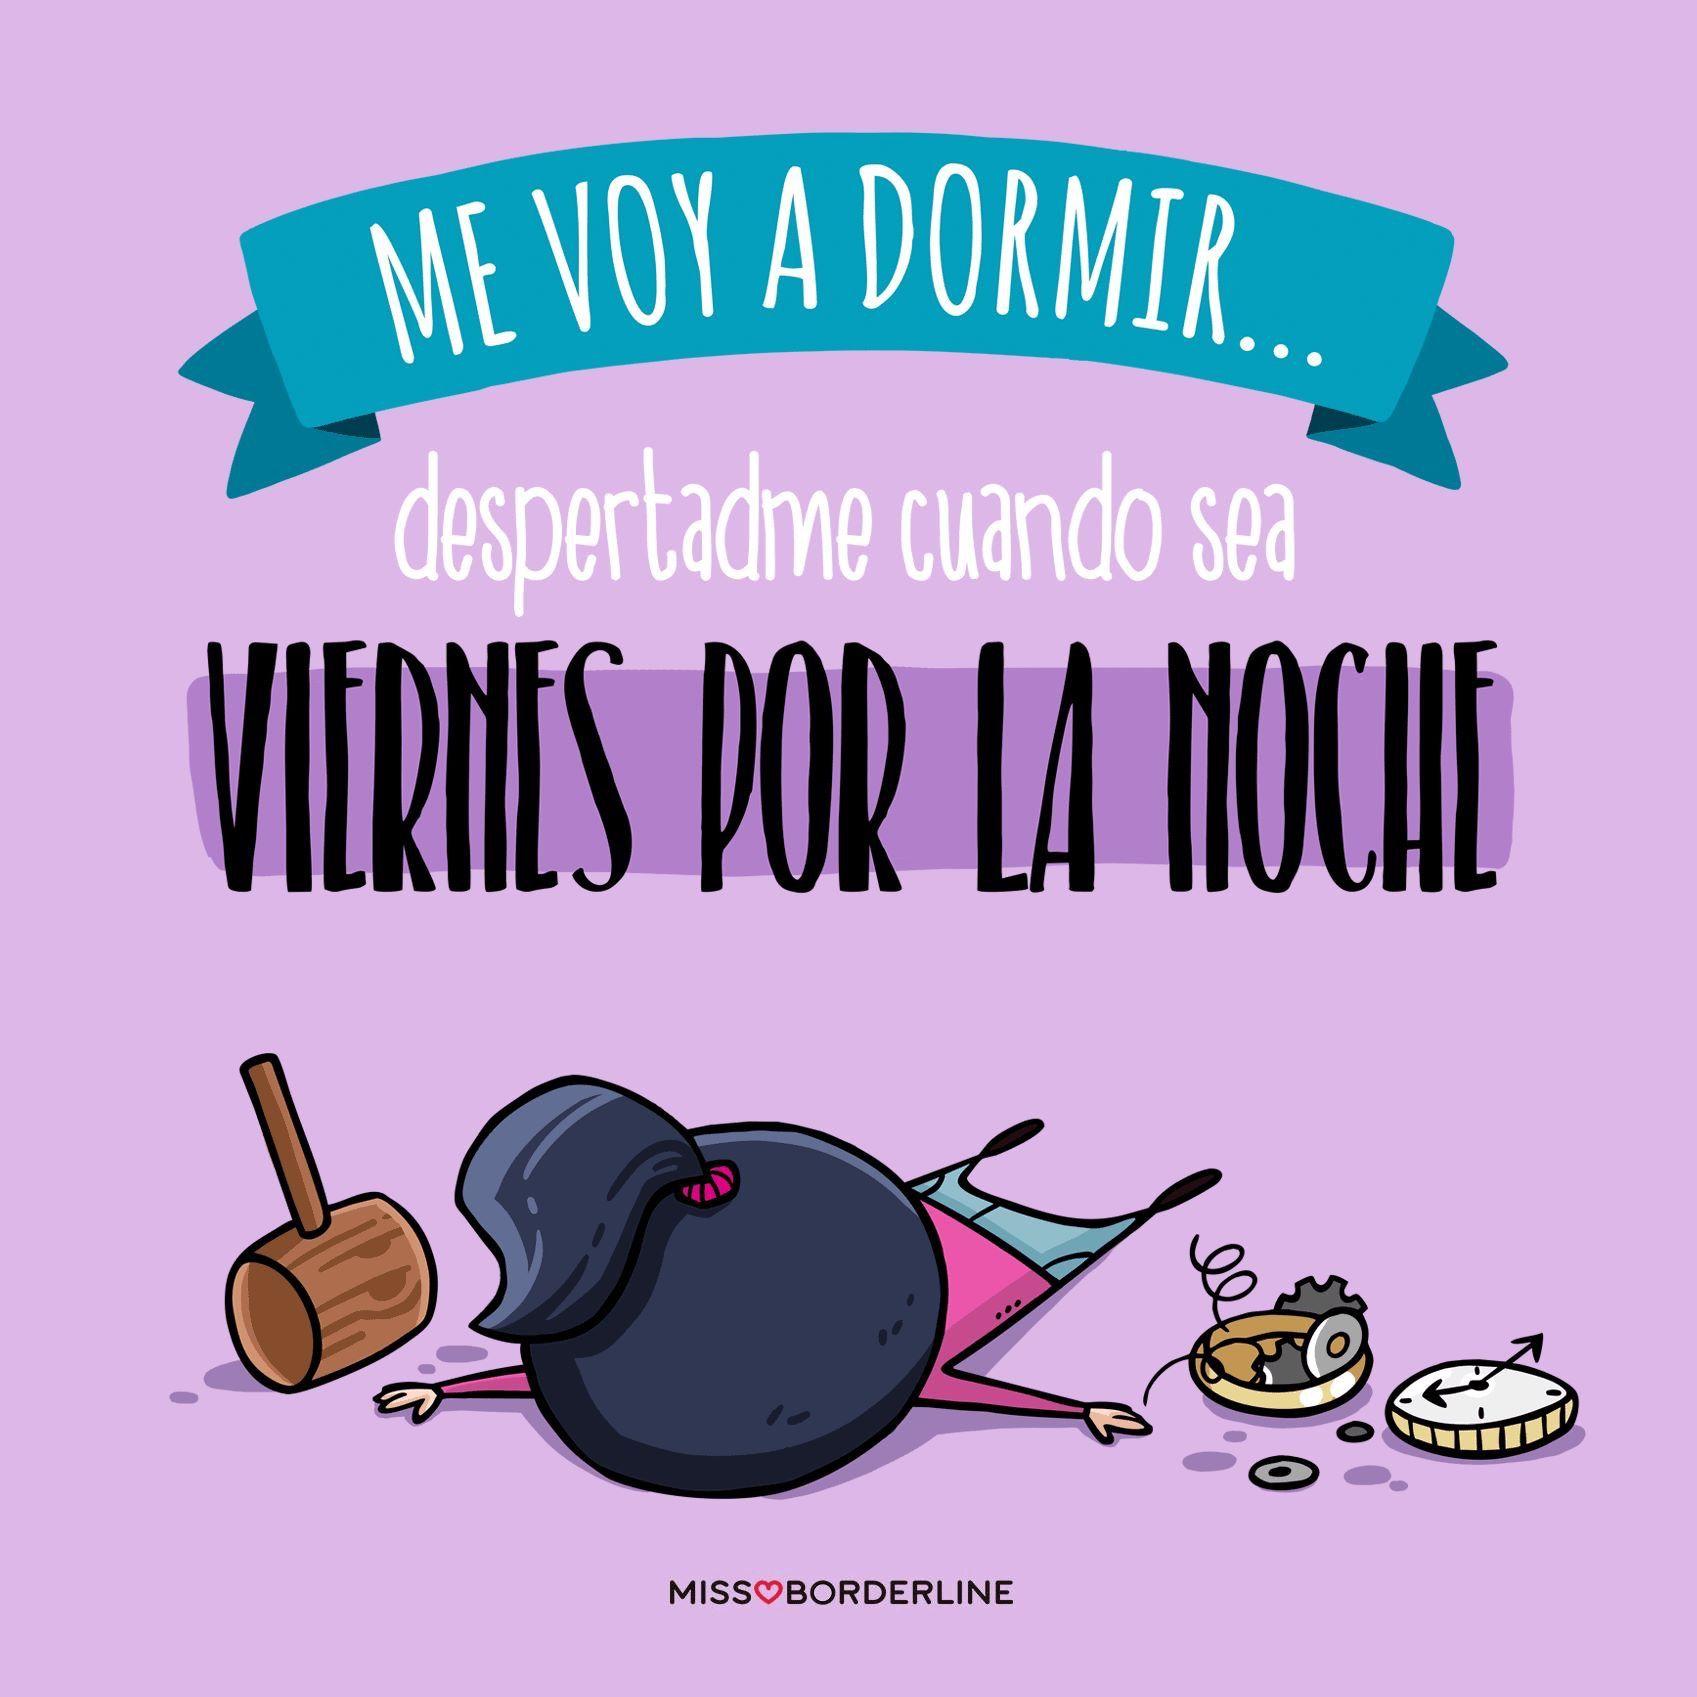 Me voy a dormir... despertadme cuando sea viernes por la noche! #lunes #frases #humor #chistes #divertidas